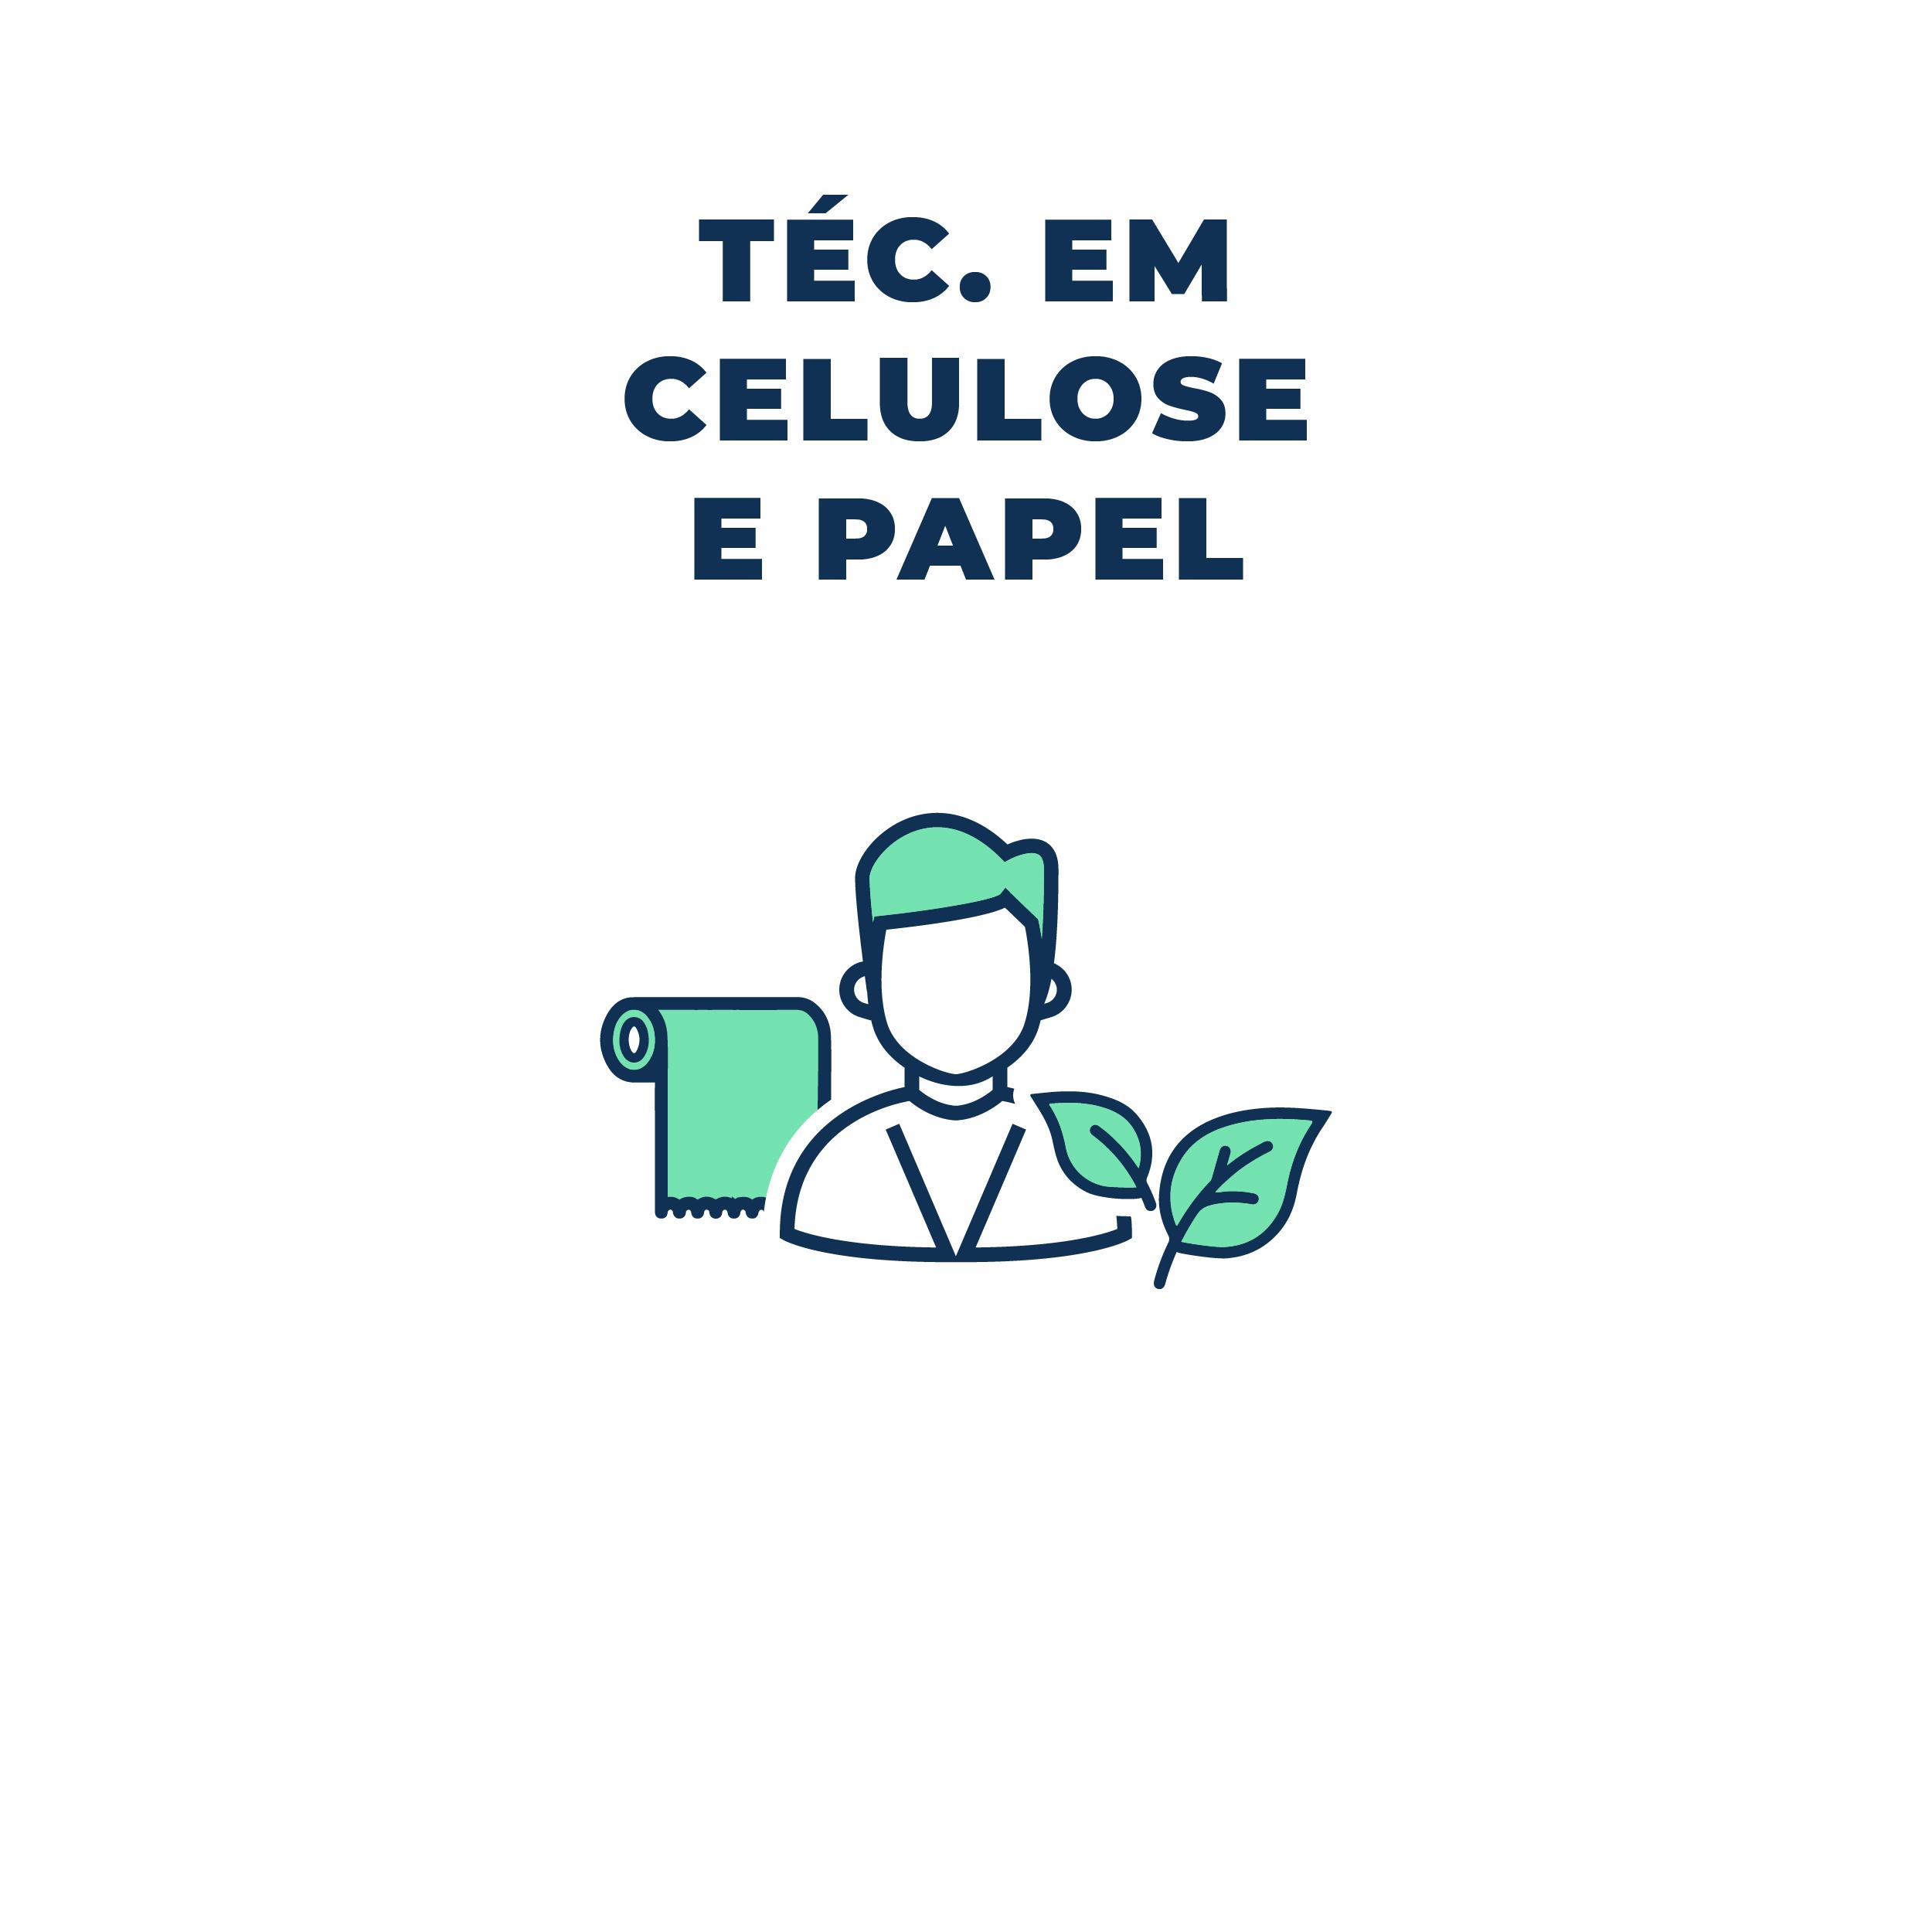 celulose e papel